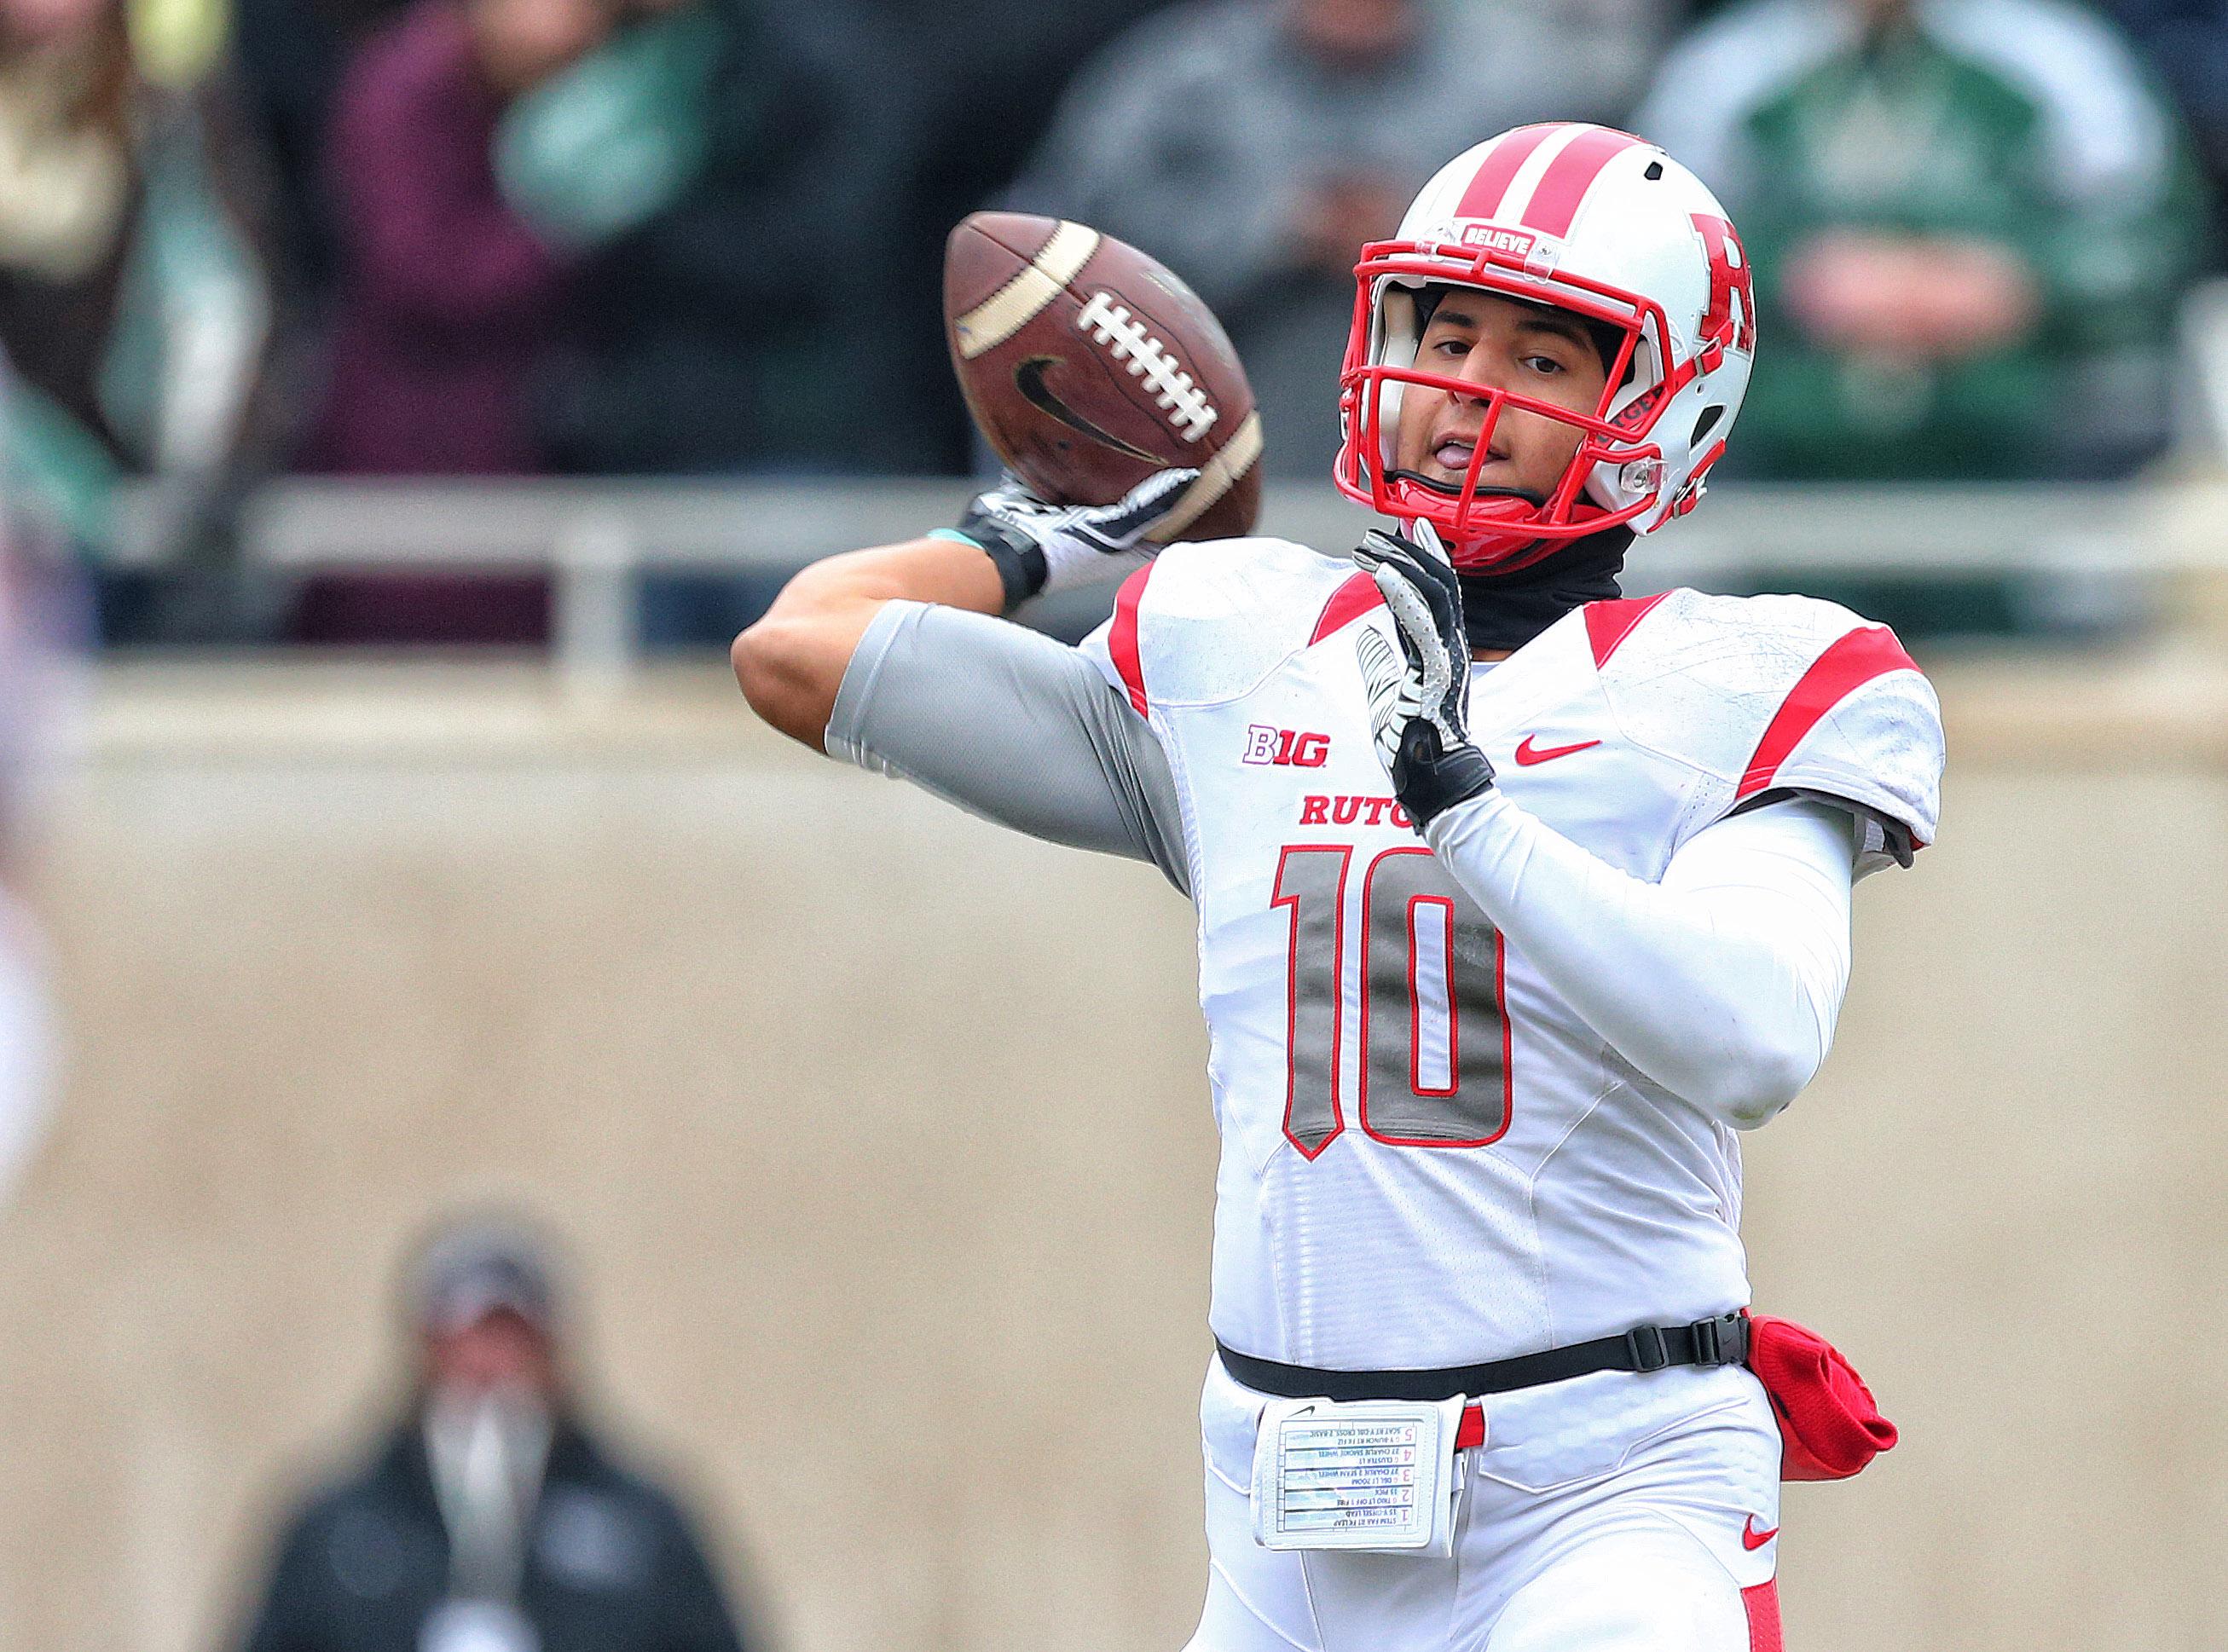 Rutgers quarterback Gary Nova